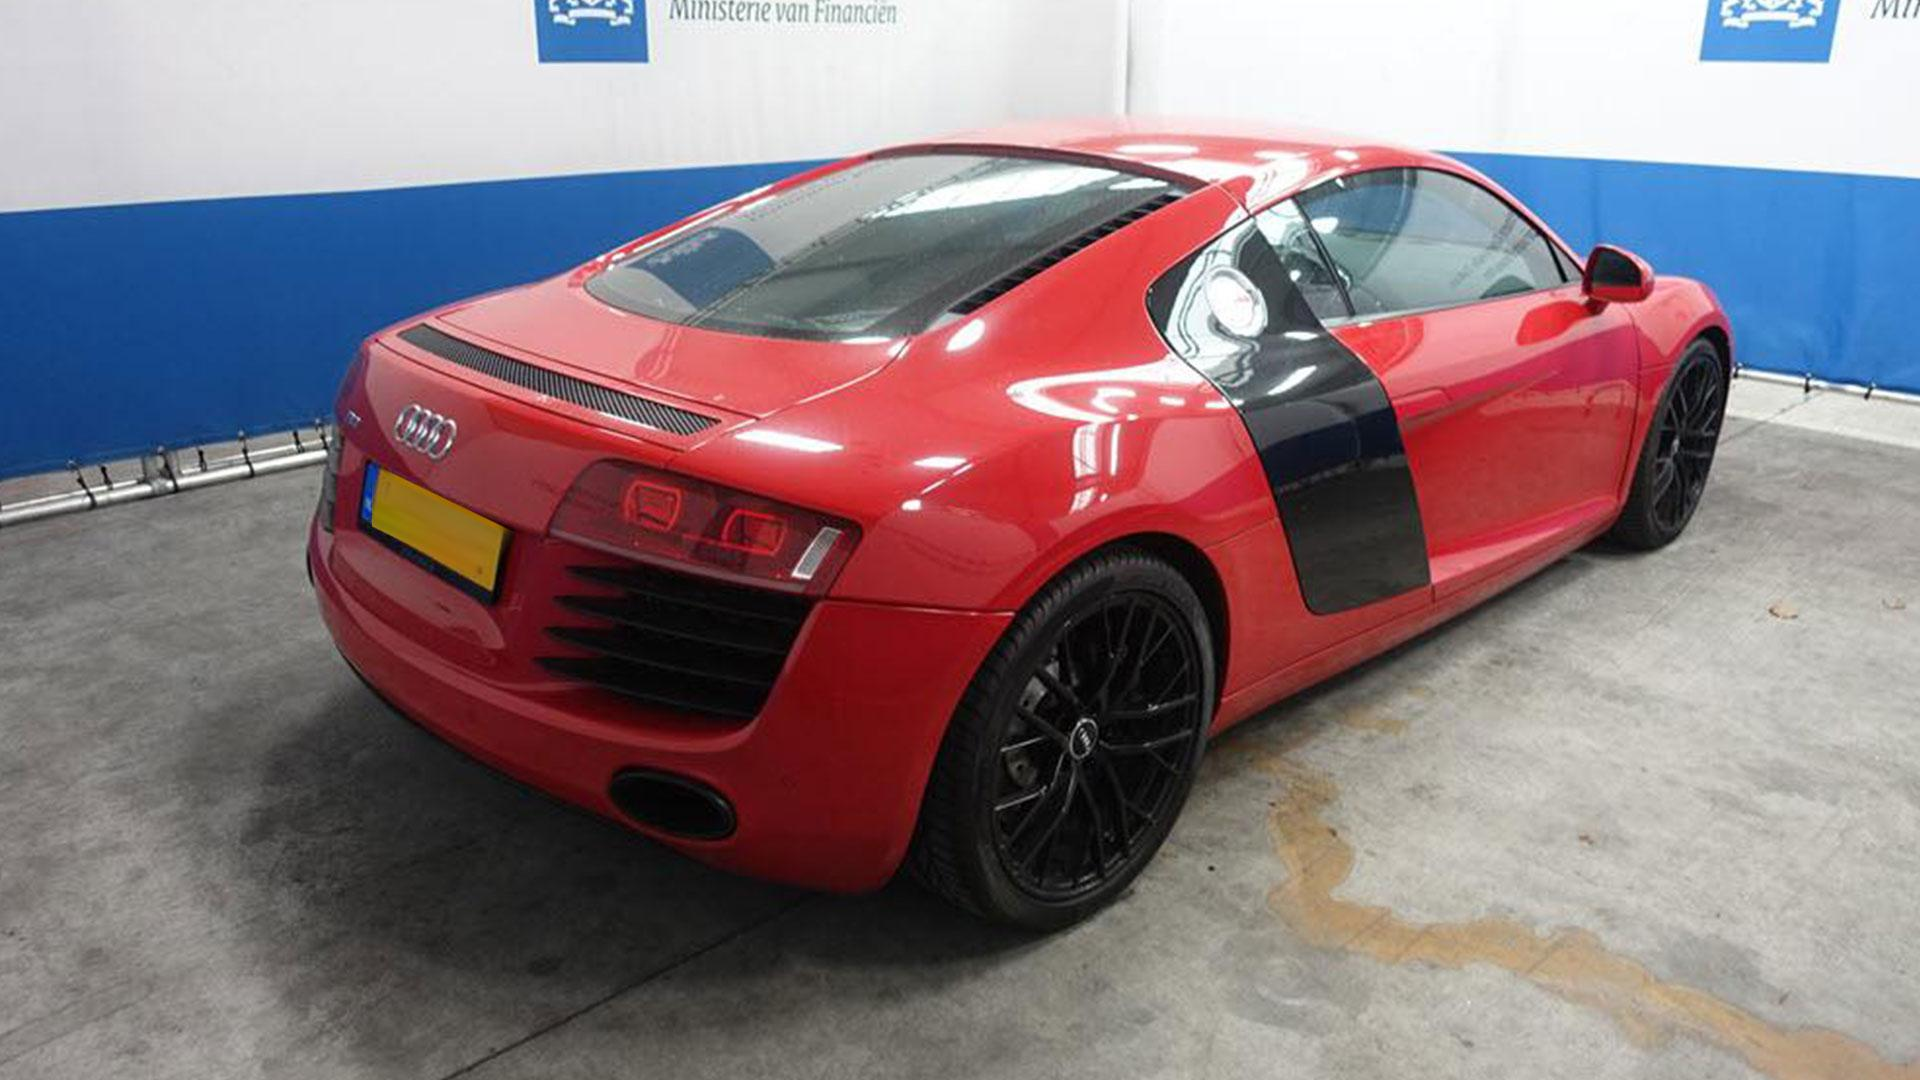 Audi R8 te koop bij Domeinen